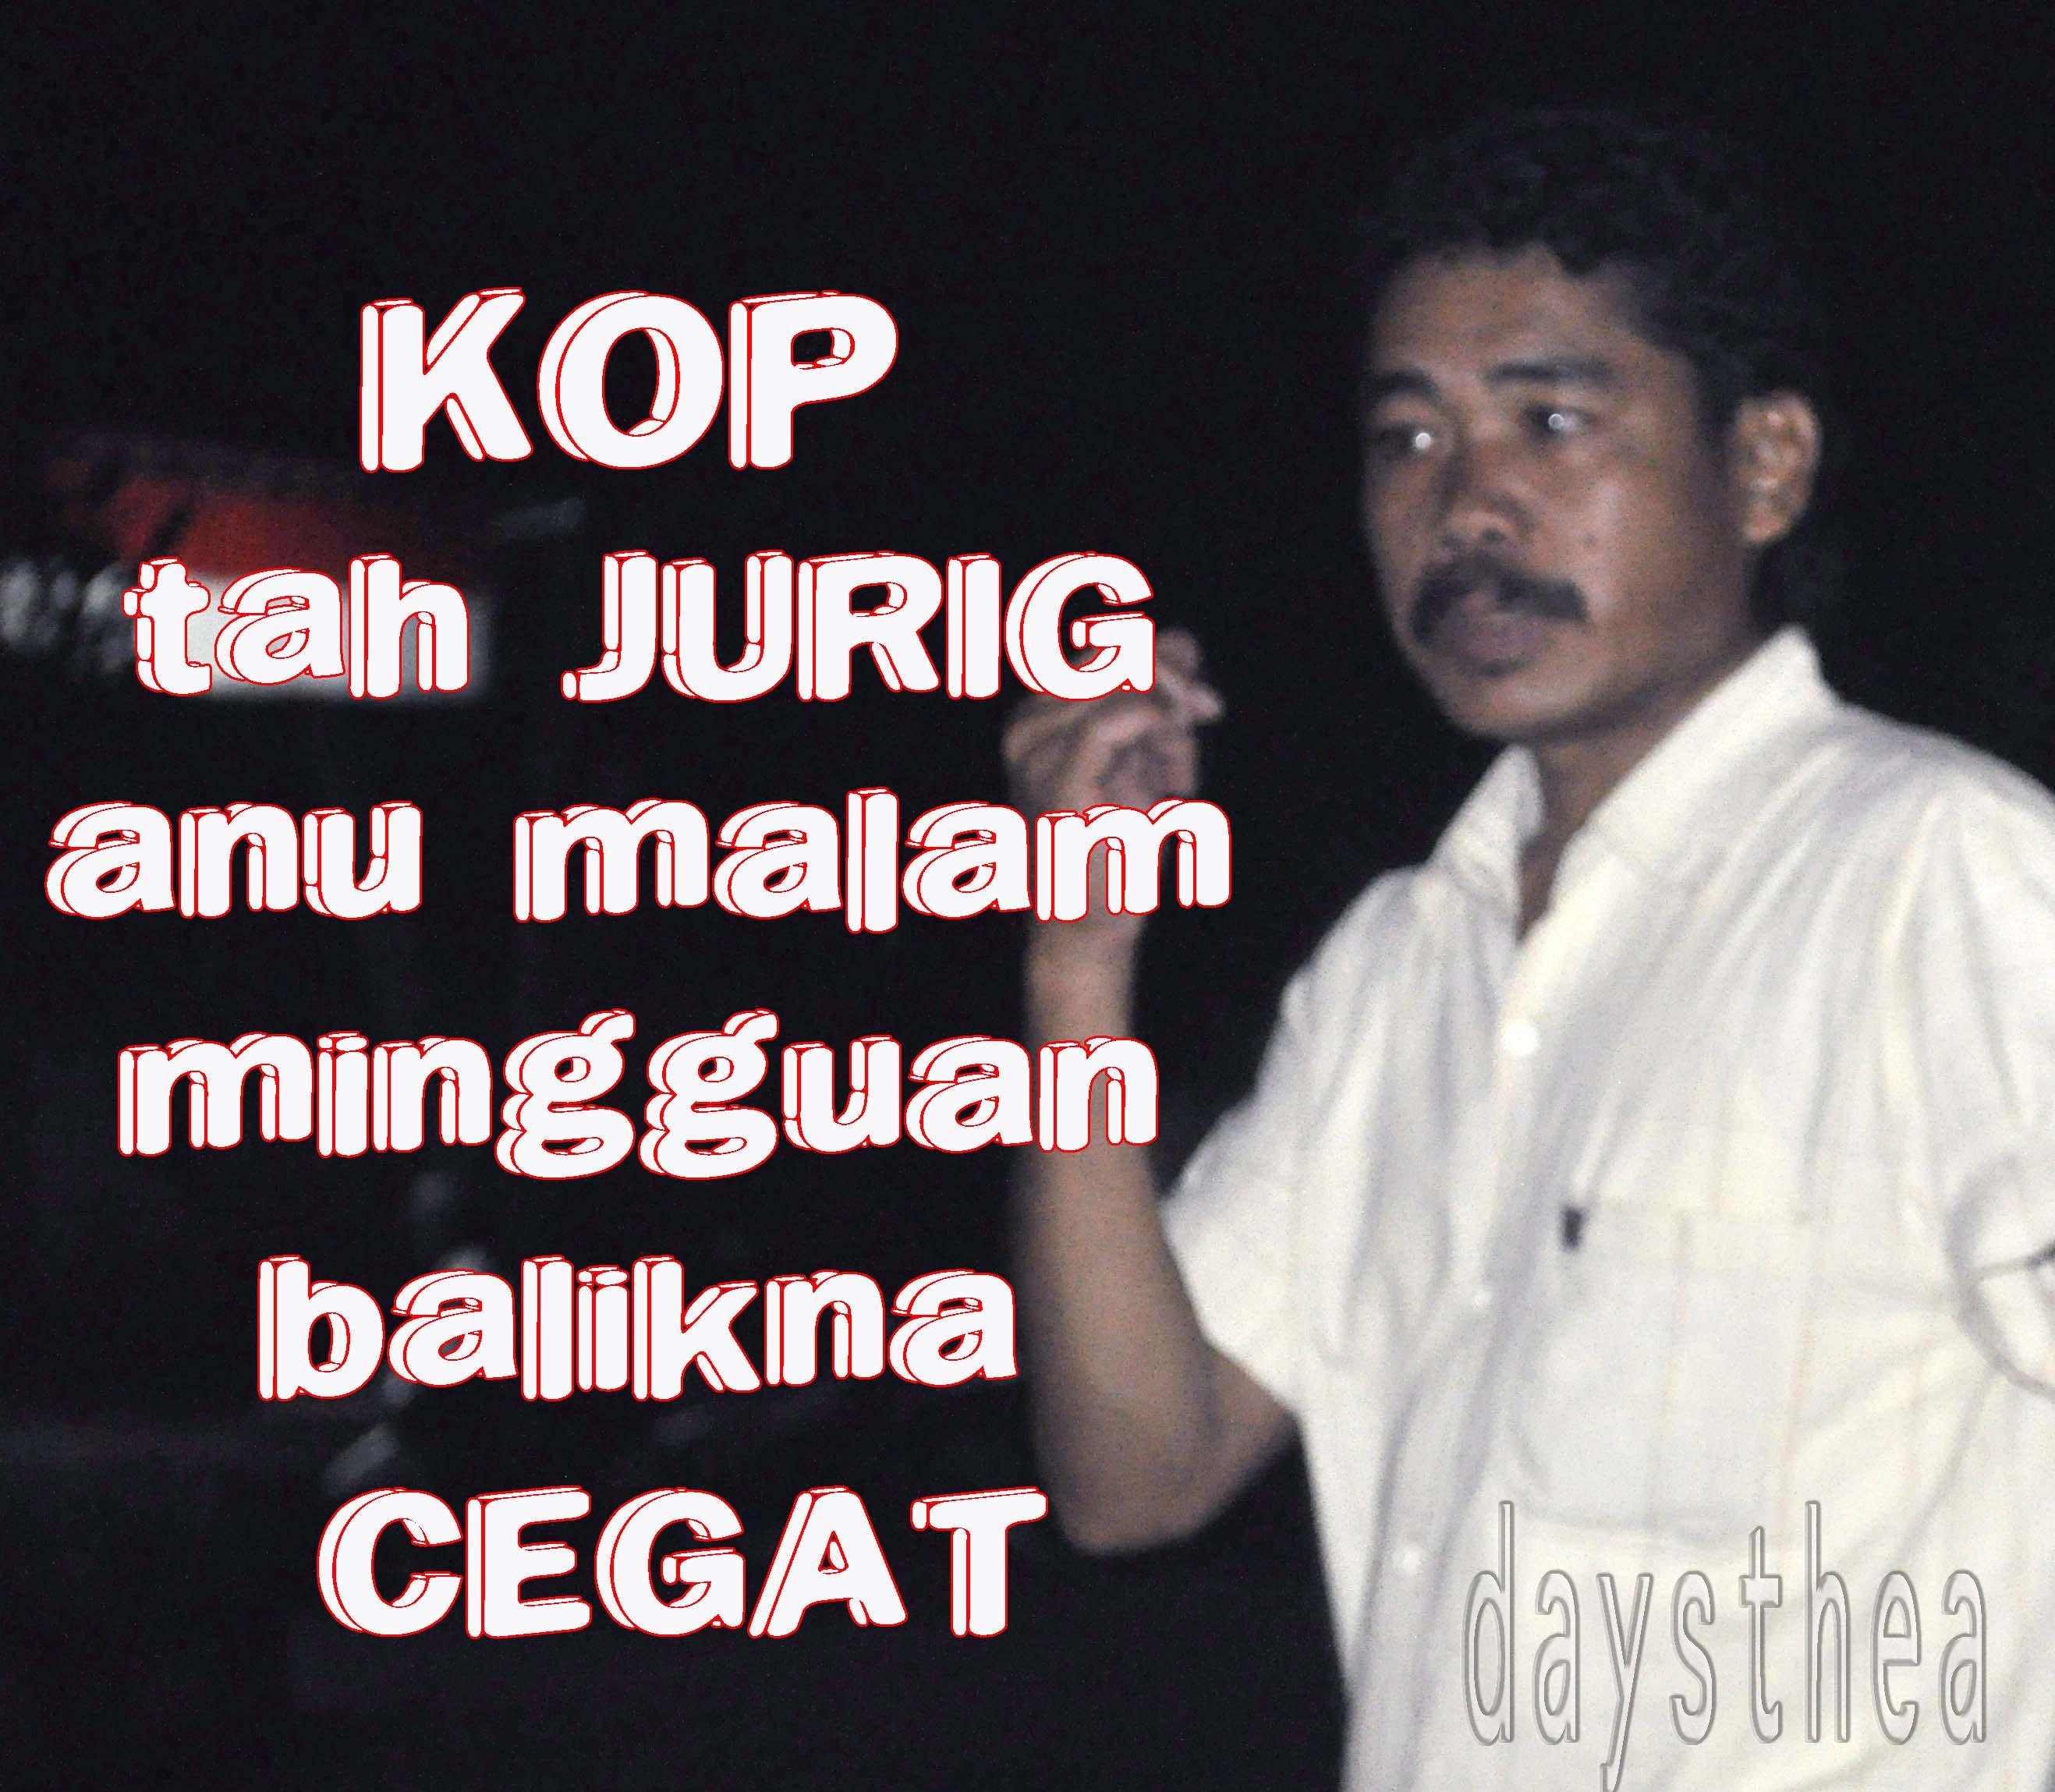 Kop Tah Jurig Daysthea